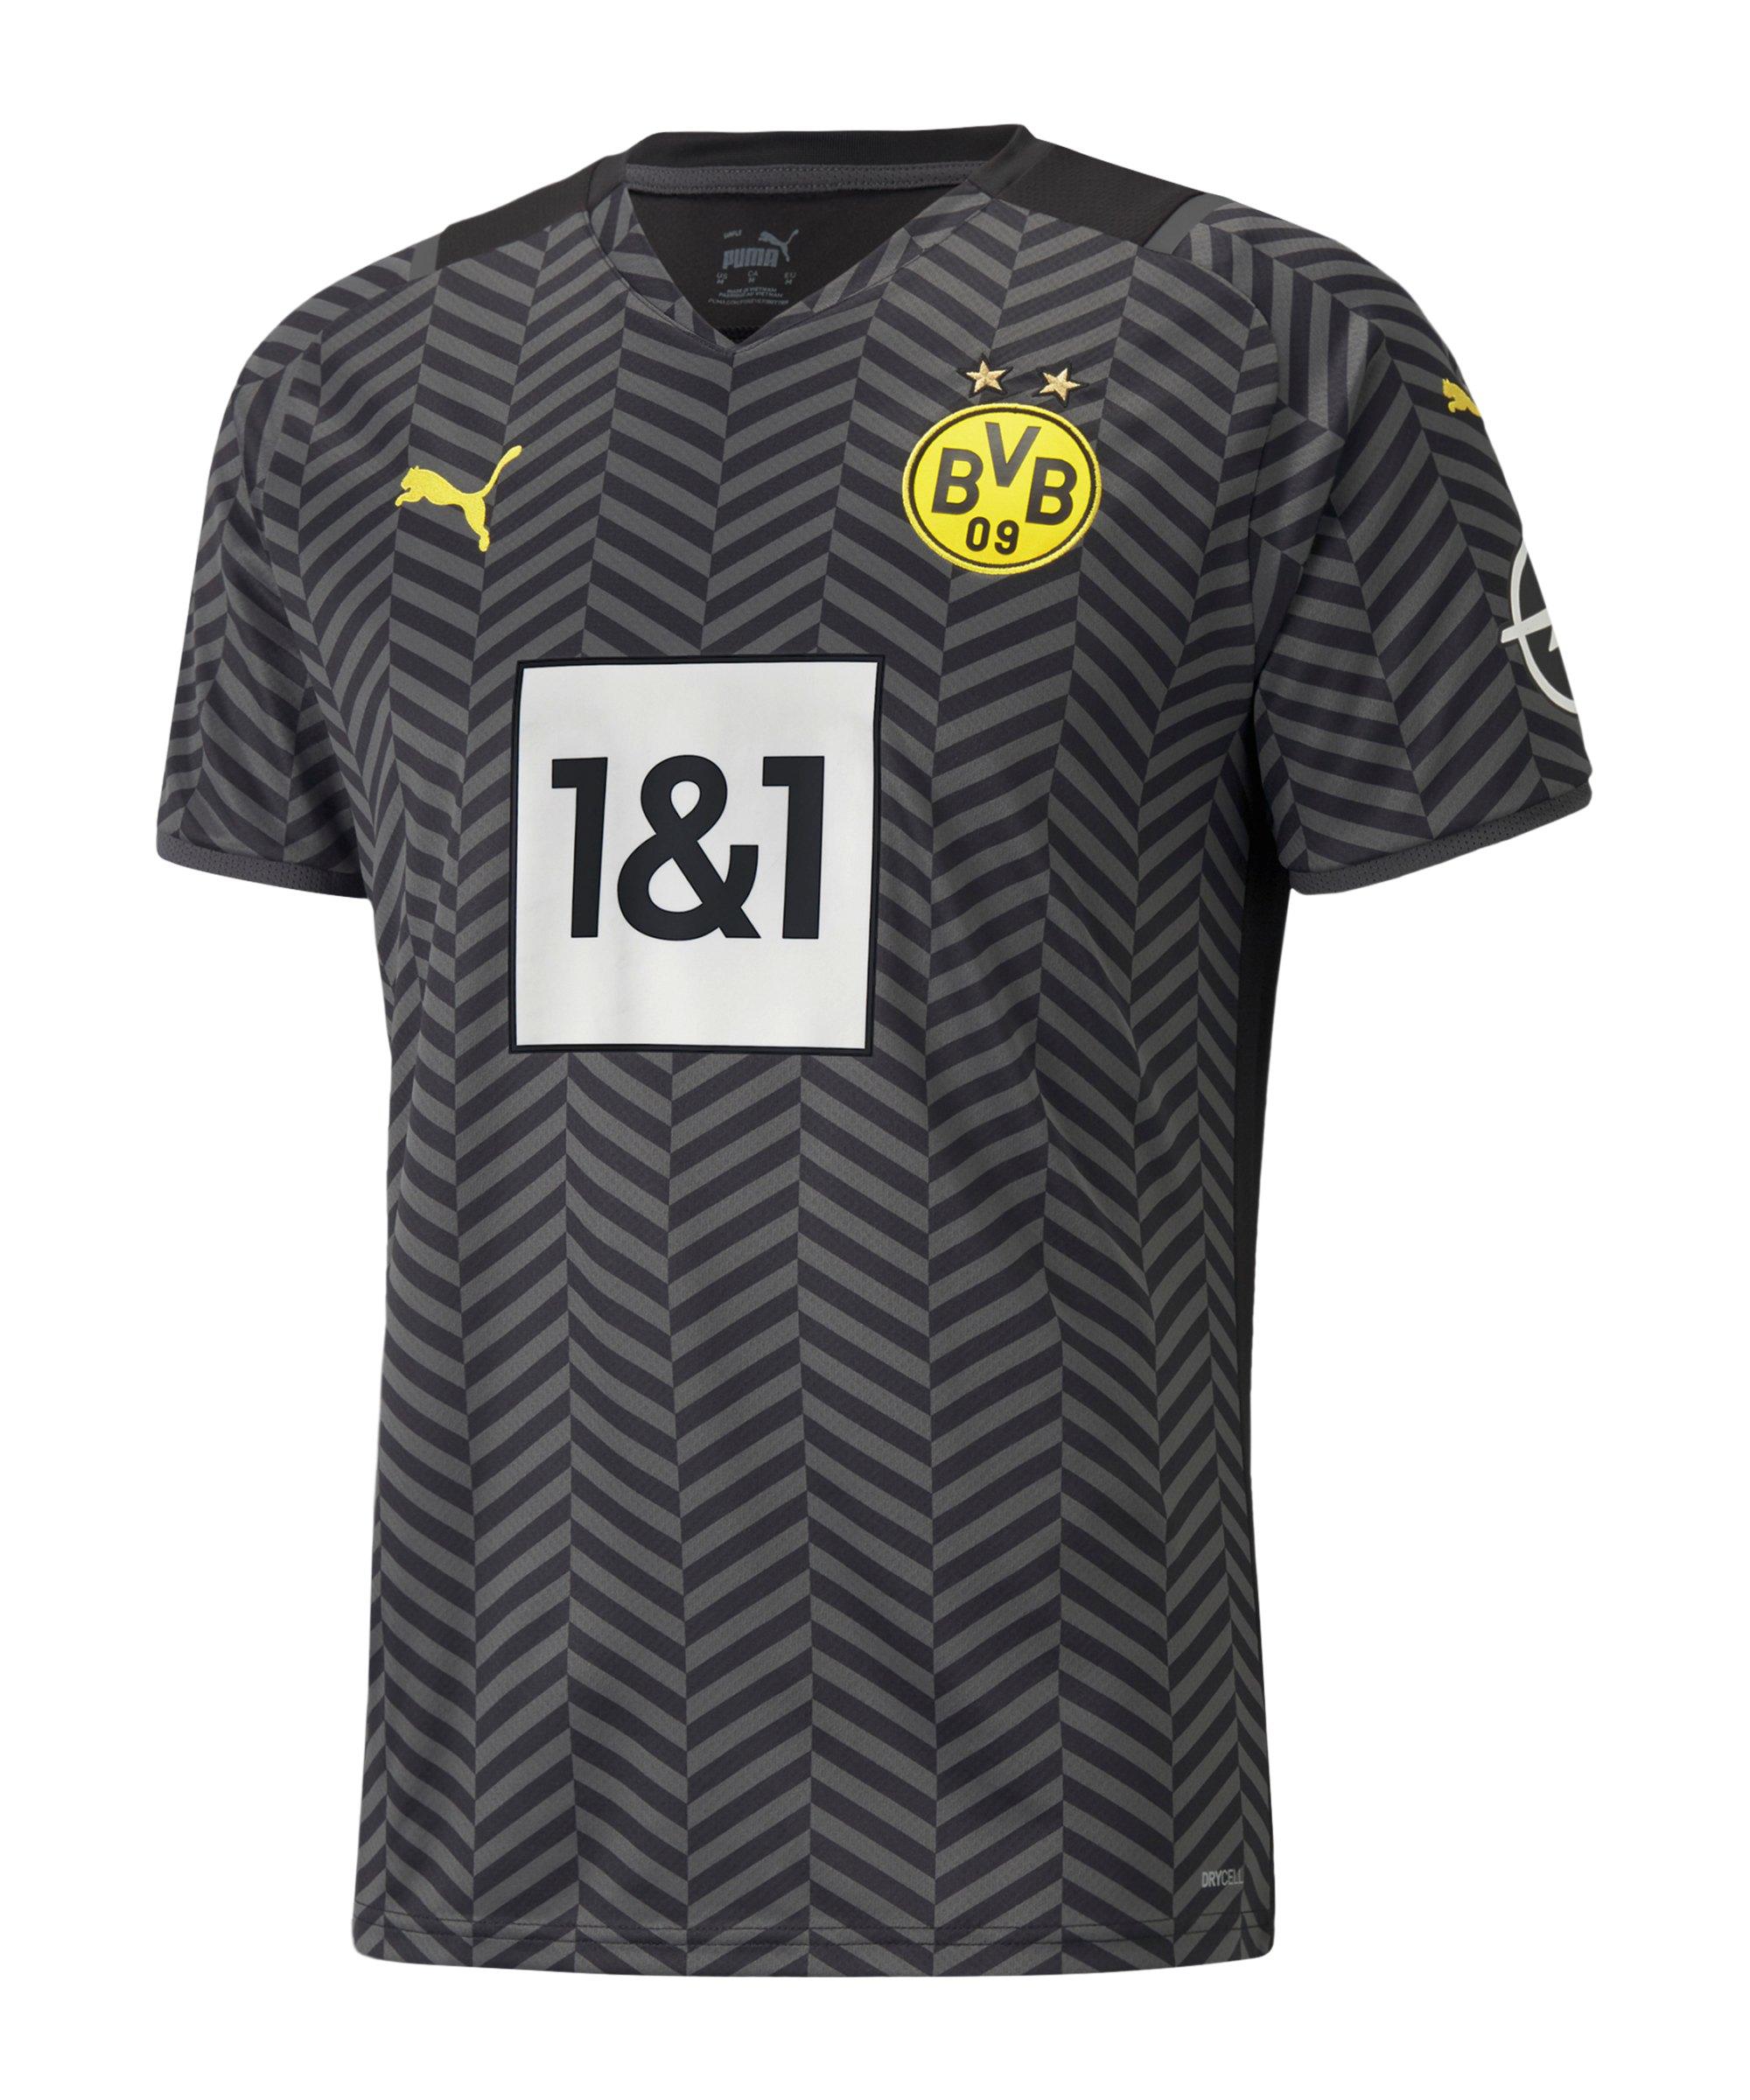 PUMA BVB Dortmund Trikot Away 2021/2022 Grau F04 - grau